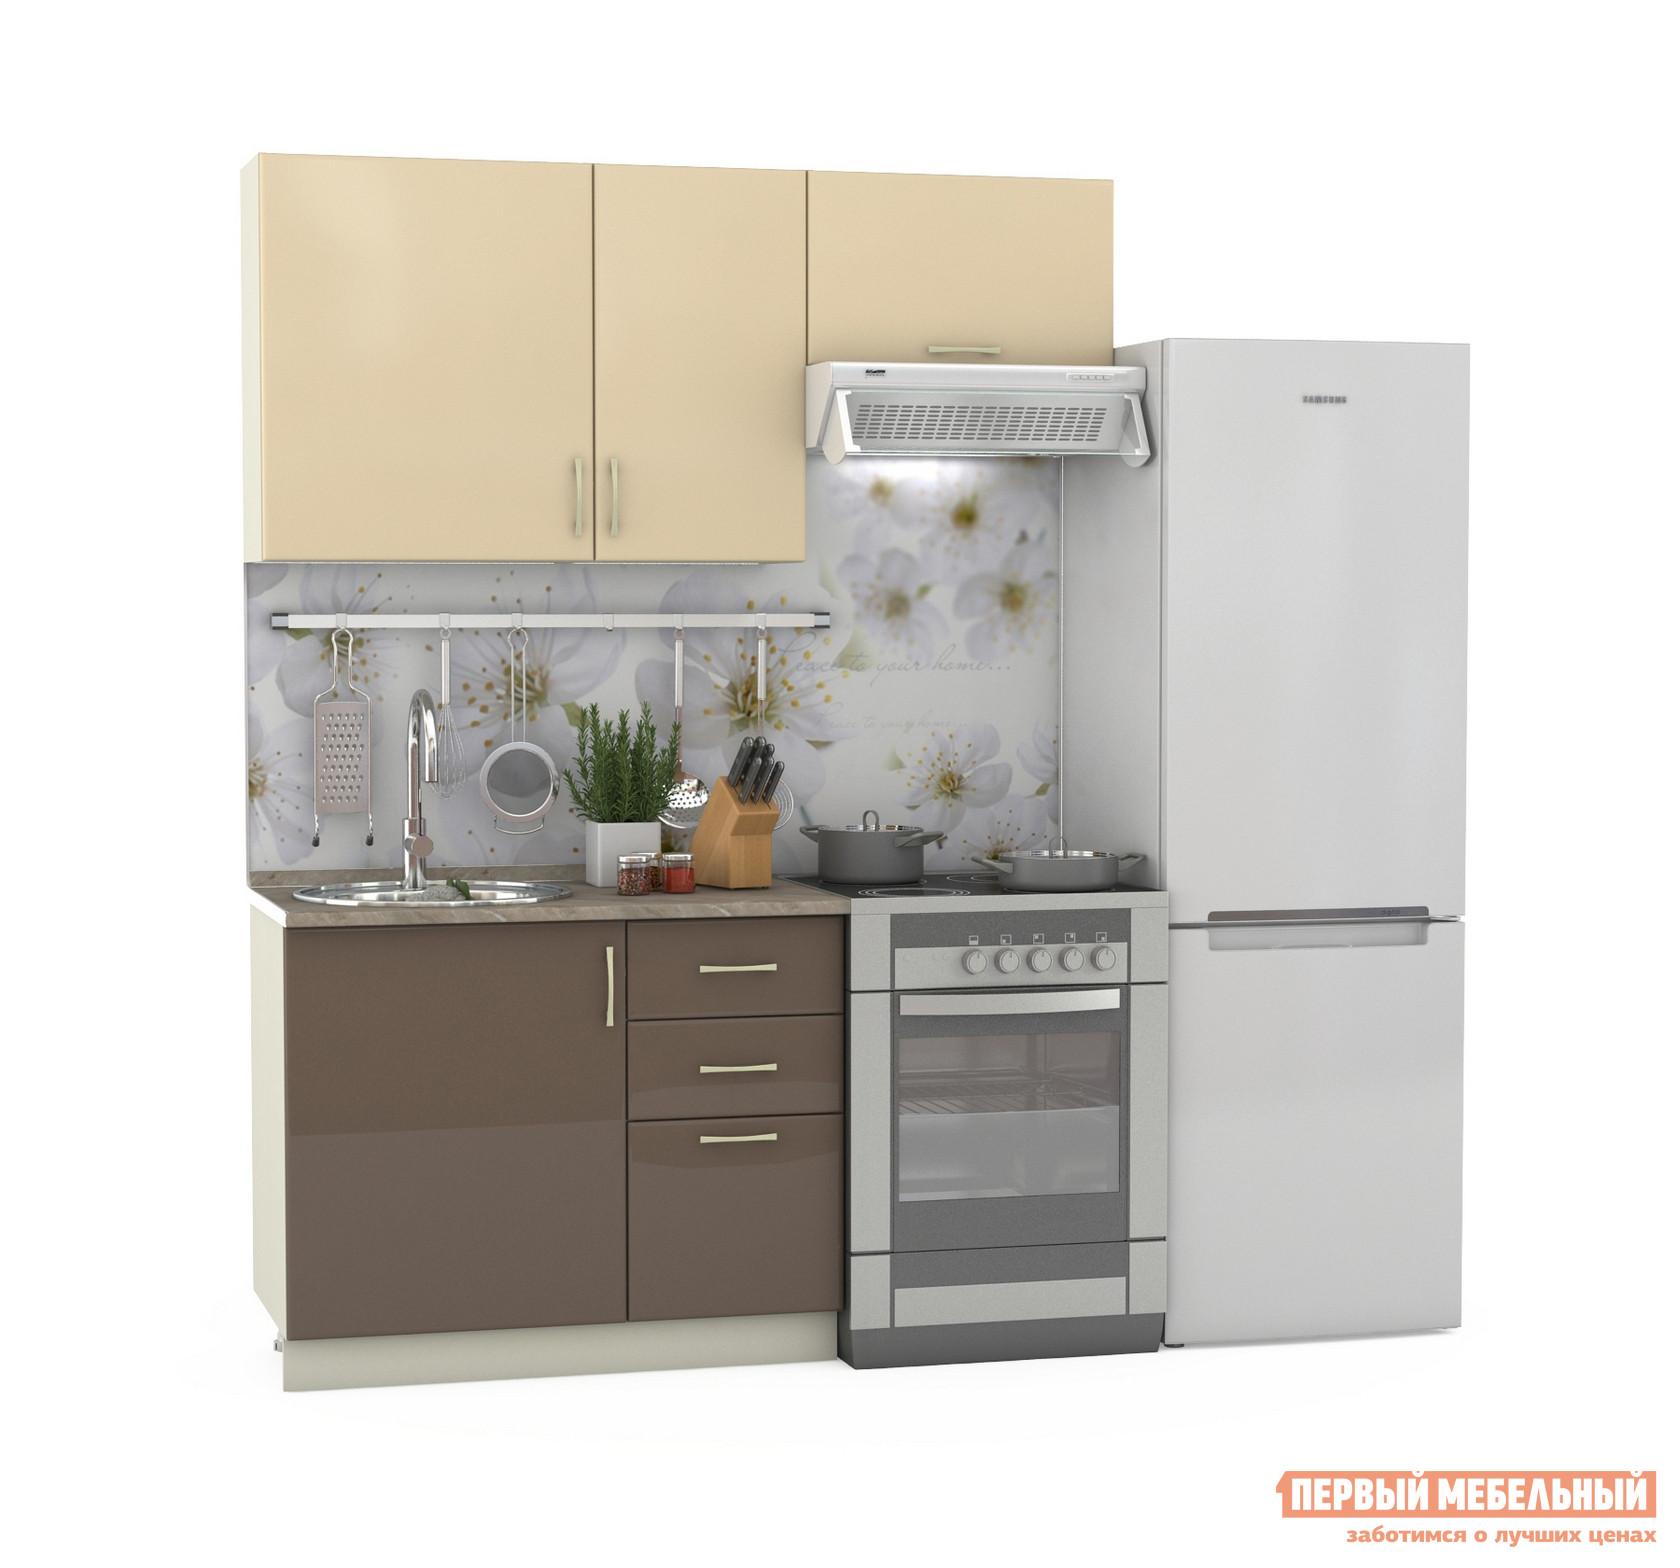 Кухонный гарнитур Бит и Байт Сандра-1 160 см кухонный гарнитур трия фэнтези 120 см